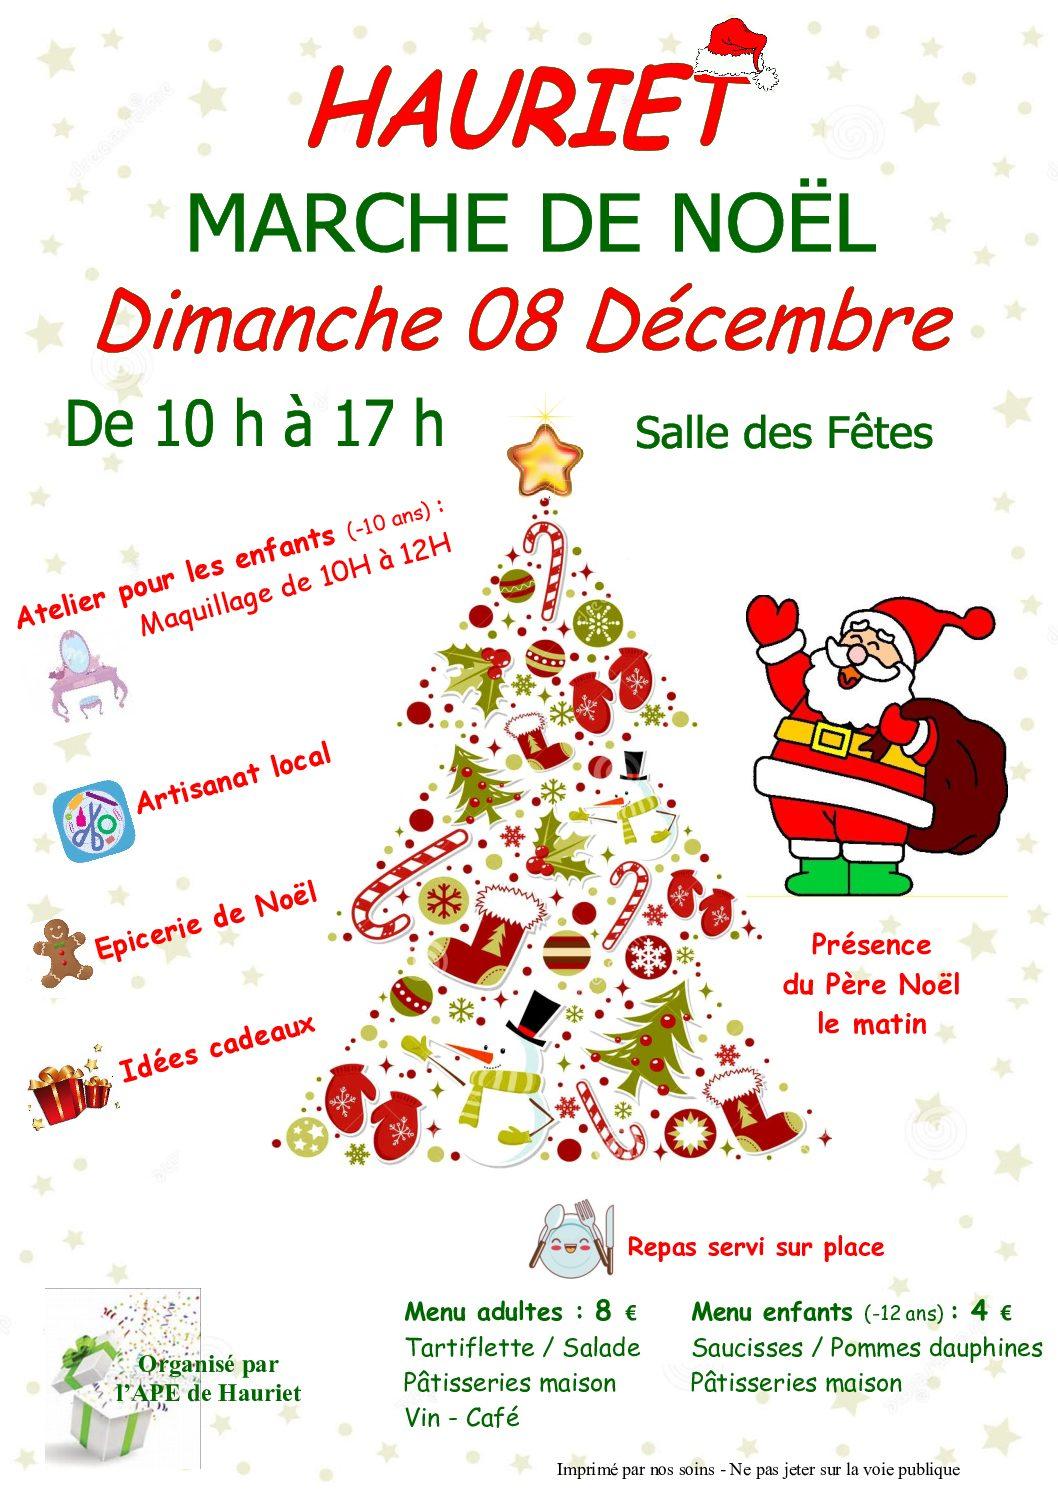 Marché de Noël à Hauriet (Landes) le Dimanche 8 Décembre 2019